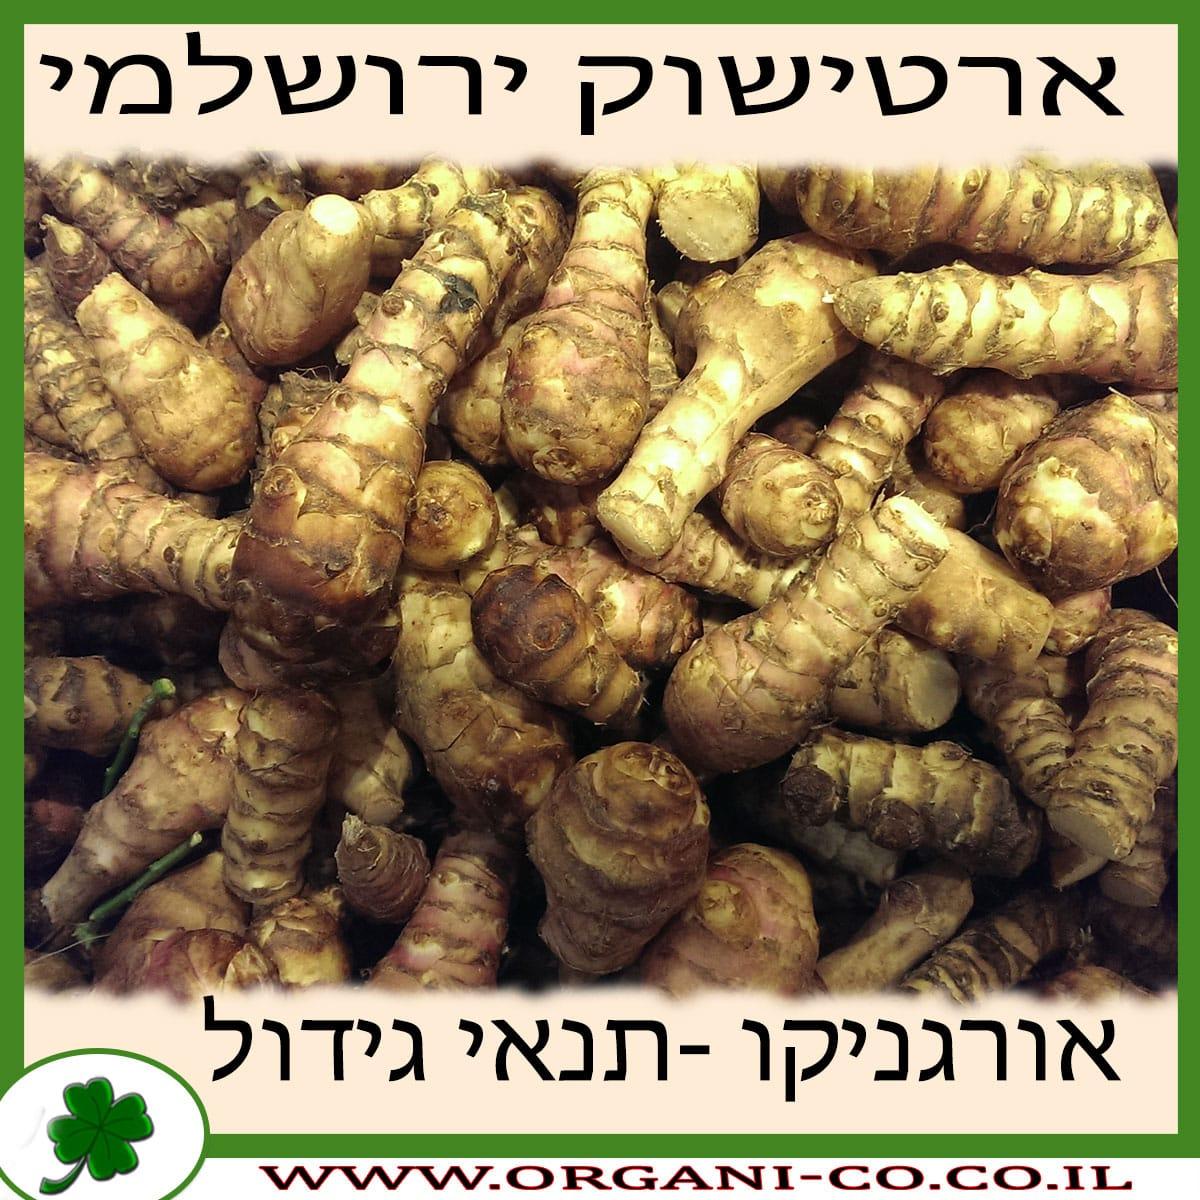 ארטישוק ירושלמי גידול צמח